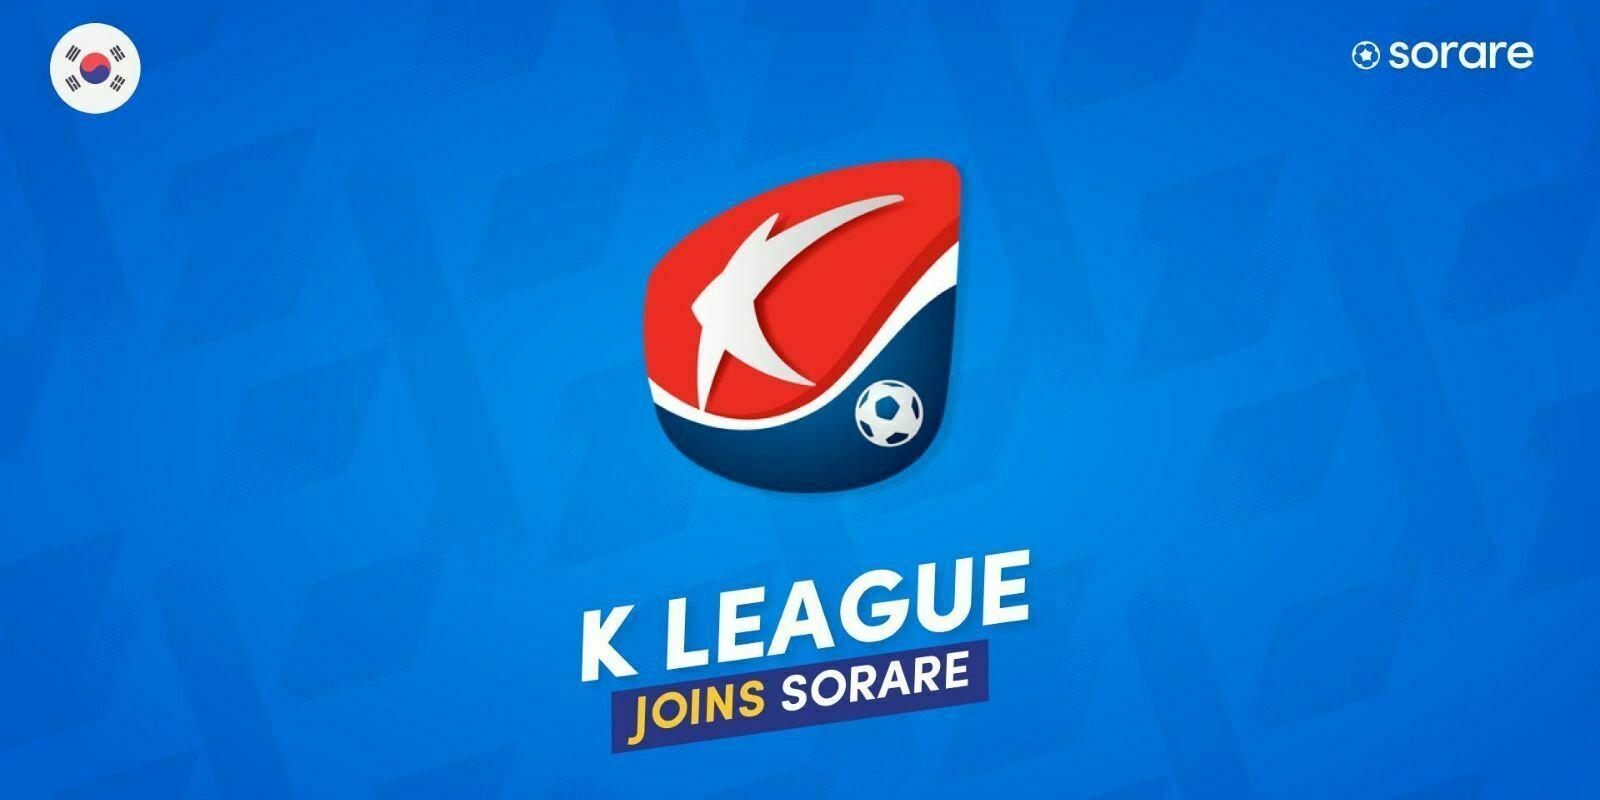 La K League rejoint Sorare, le jeu de fantasy football sous blockchain